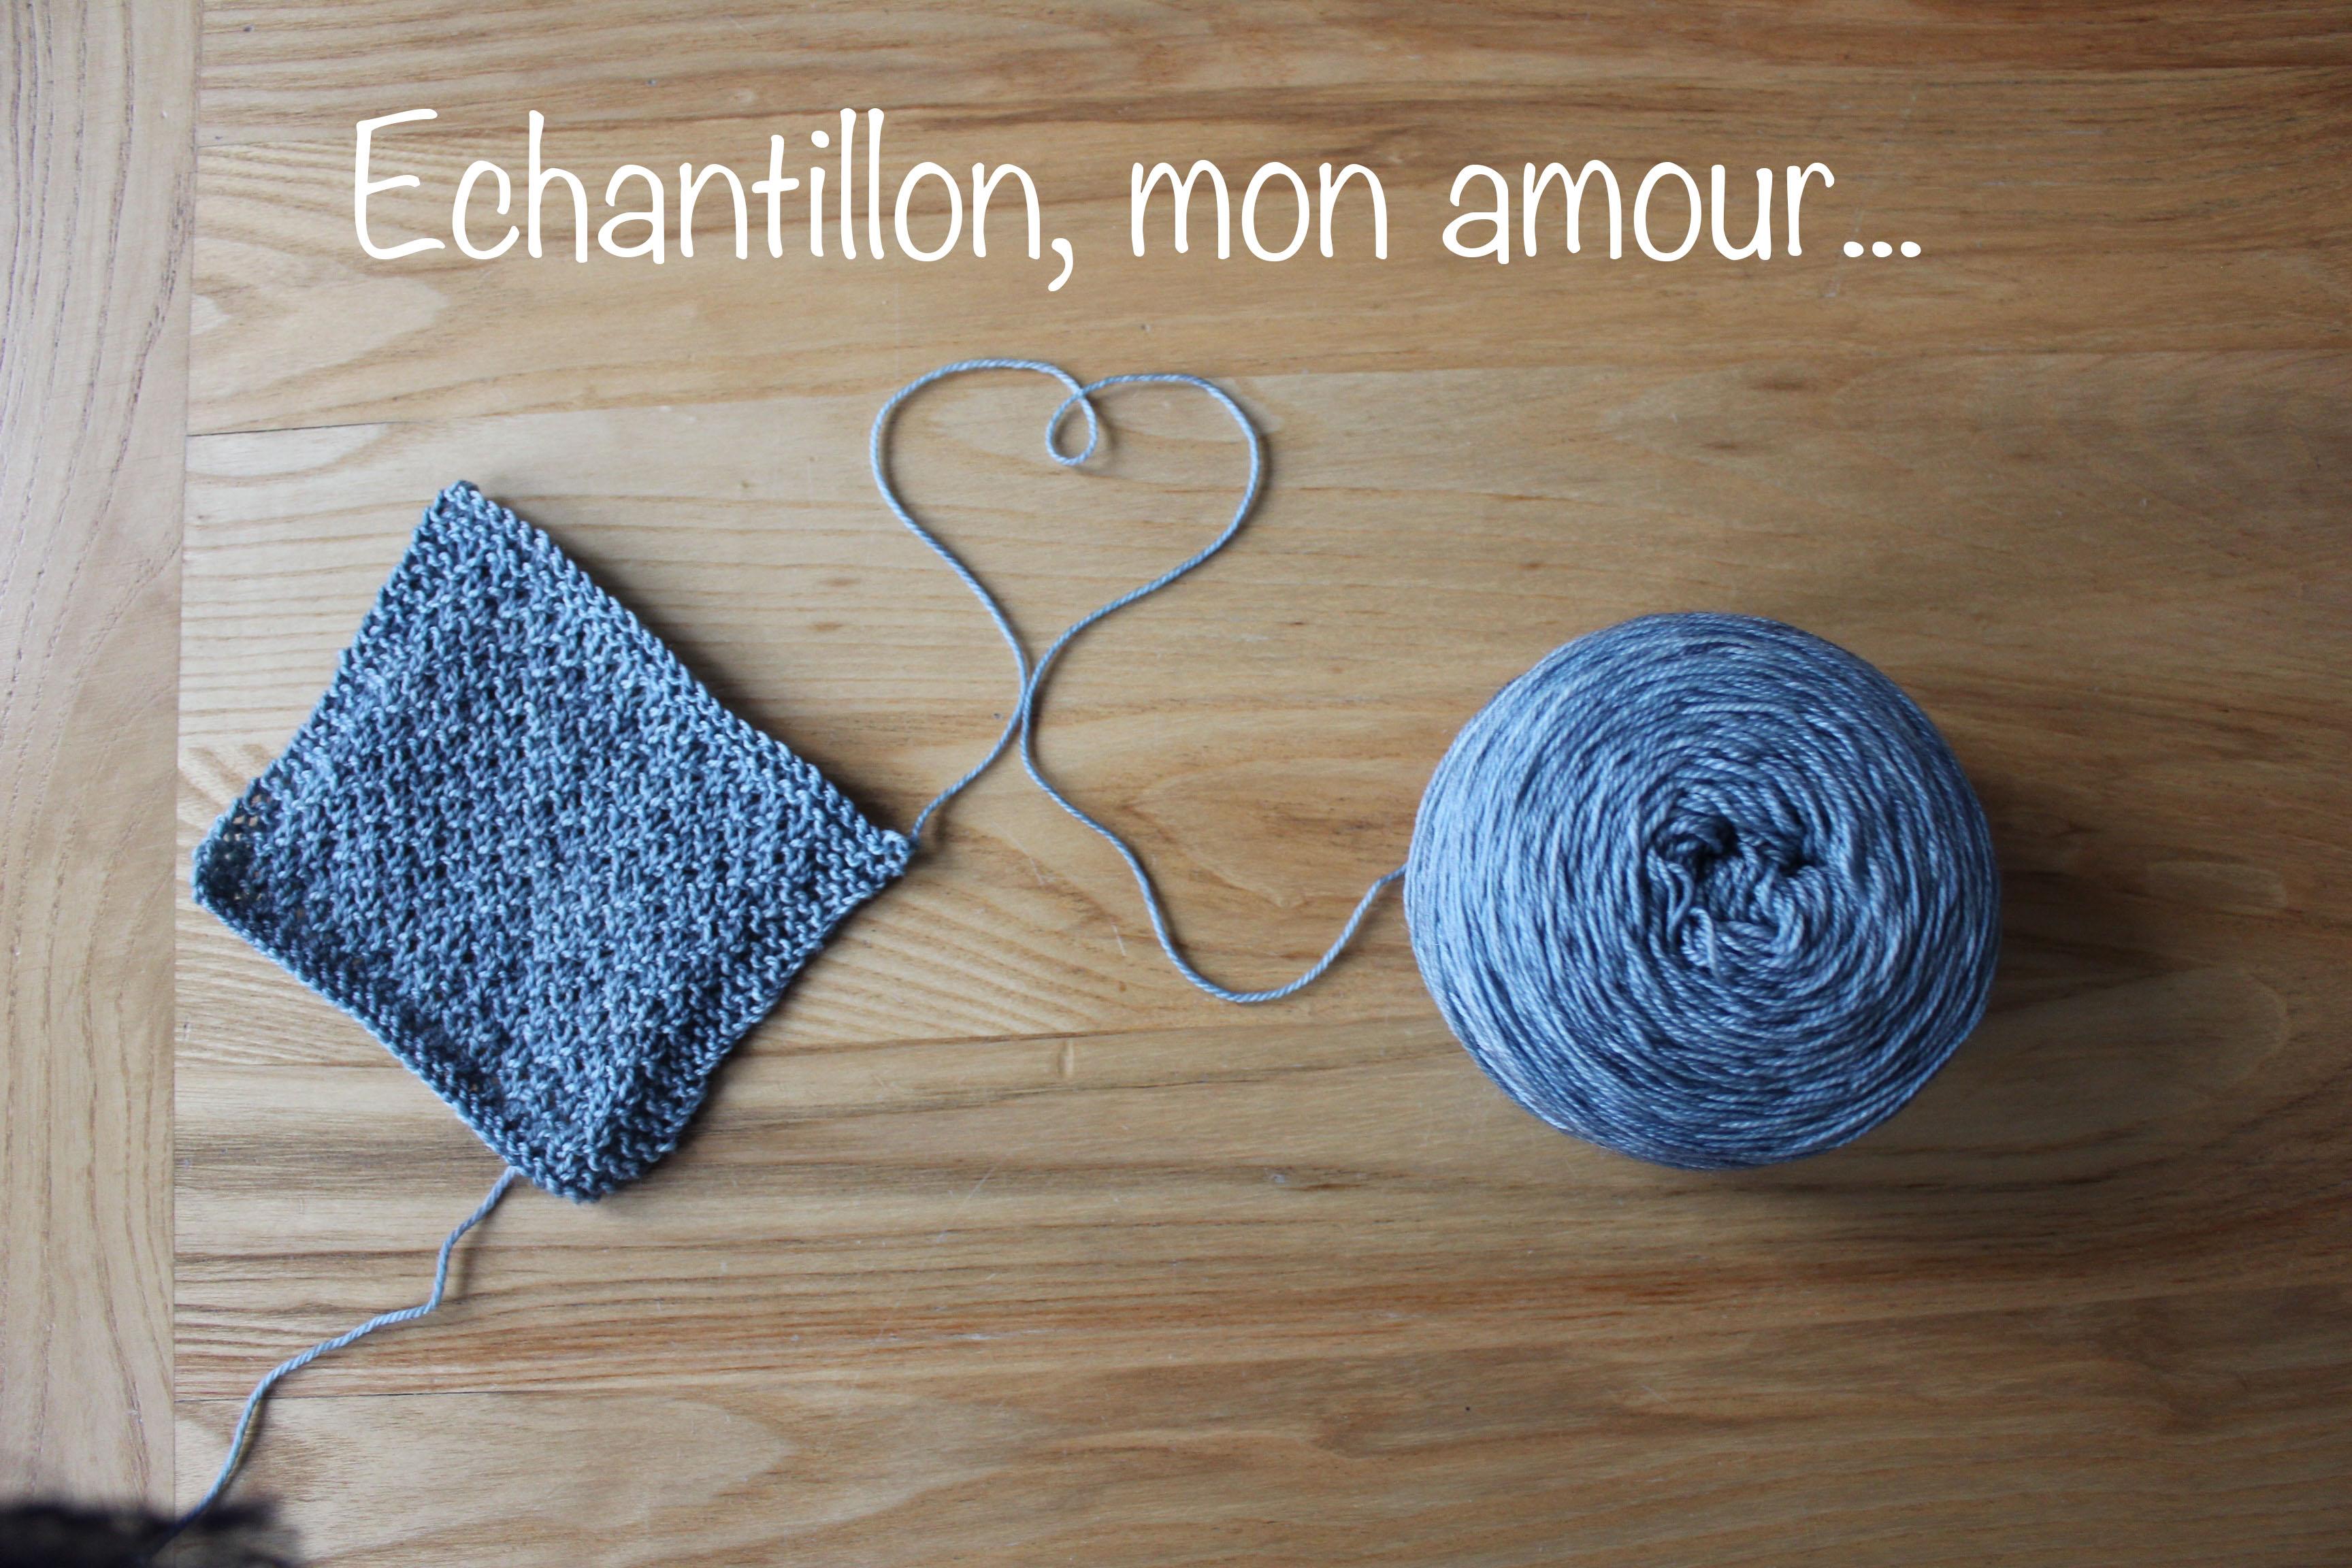 13f5de070ce5f Importance de l échantillon - Comment et pourquoi le tricoter   - Lise  Tailor